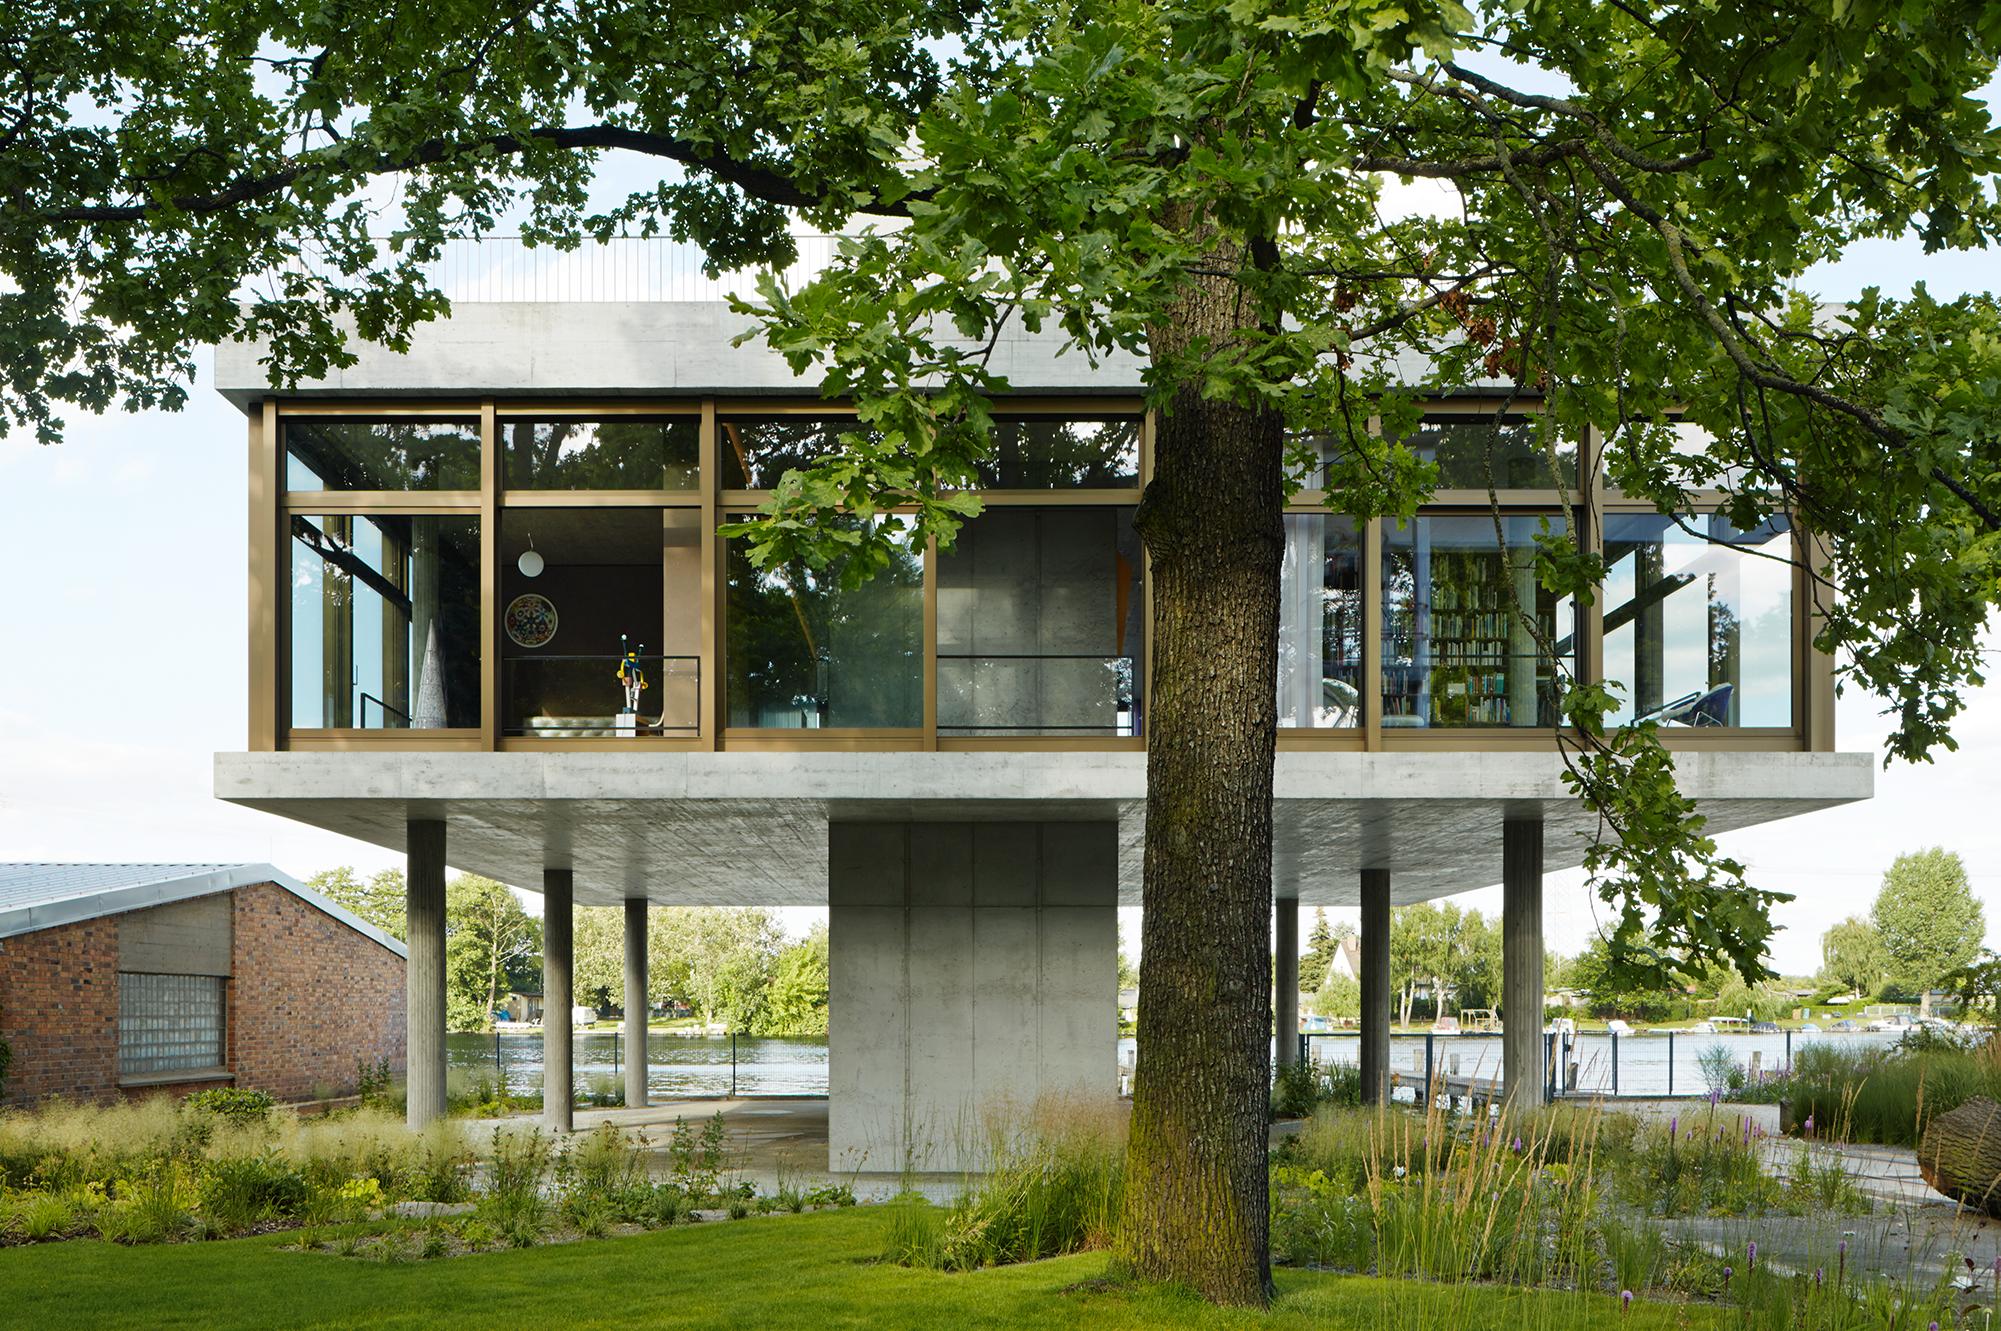 Haus-Tanja-Lincke-Architekten-4-©Noshe